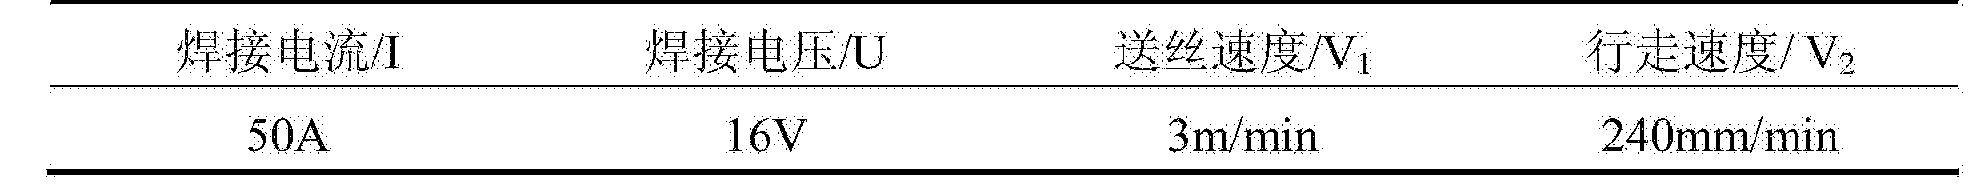 Figure CN105252119BD00053